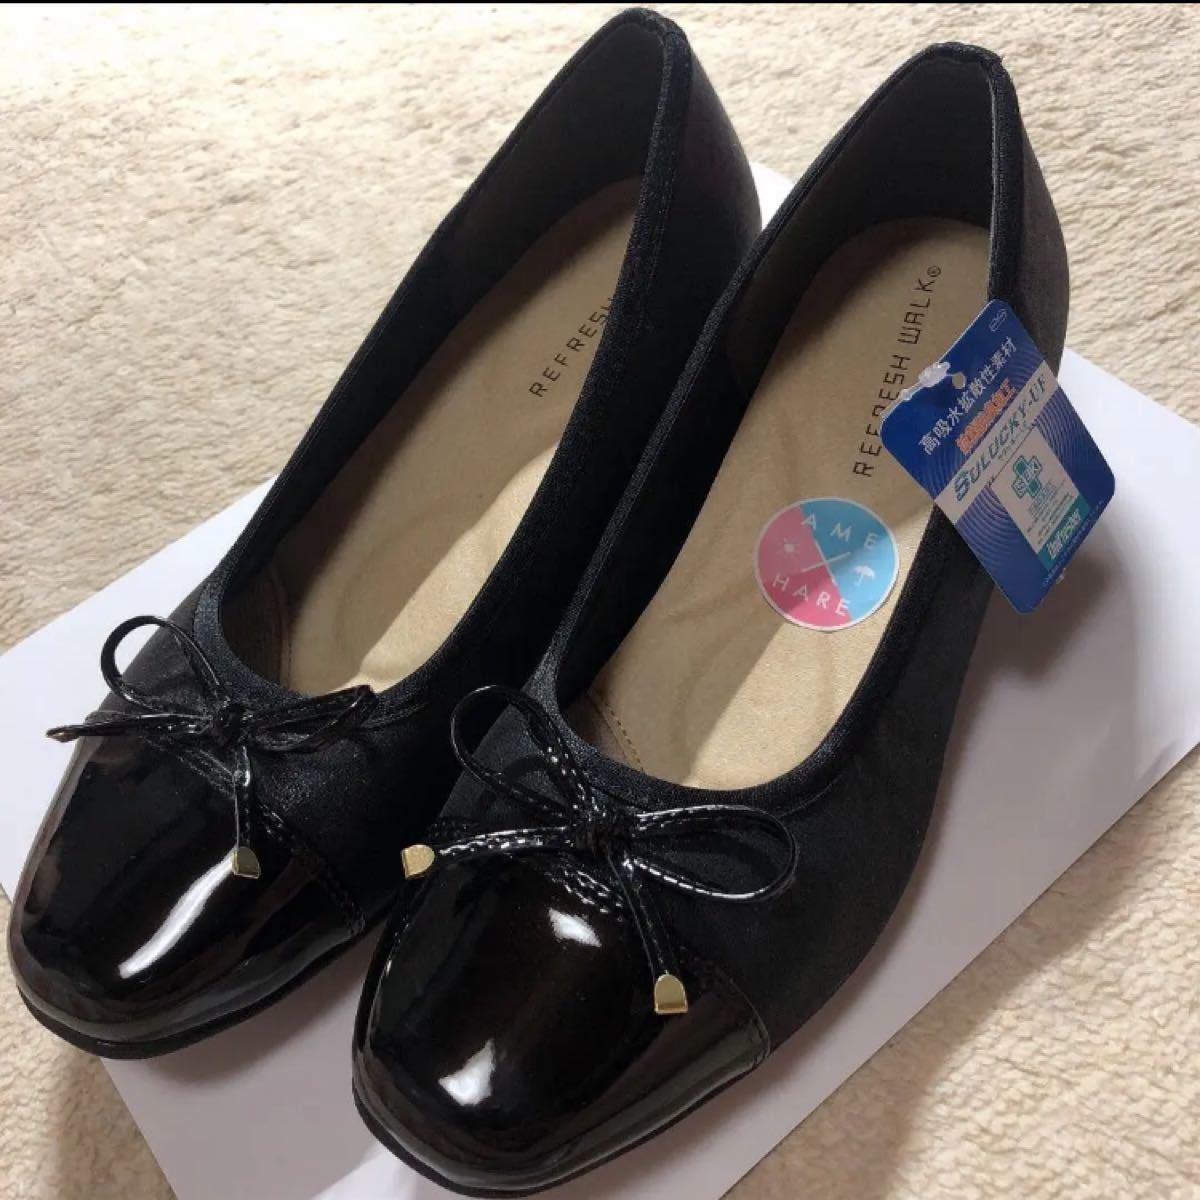 パンプス バレエシューズ 黒 靴 レディース